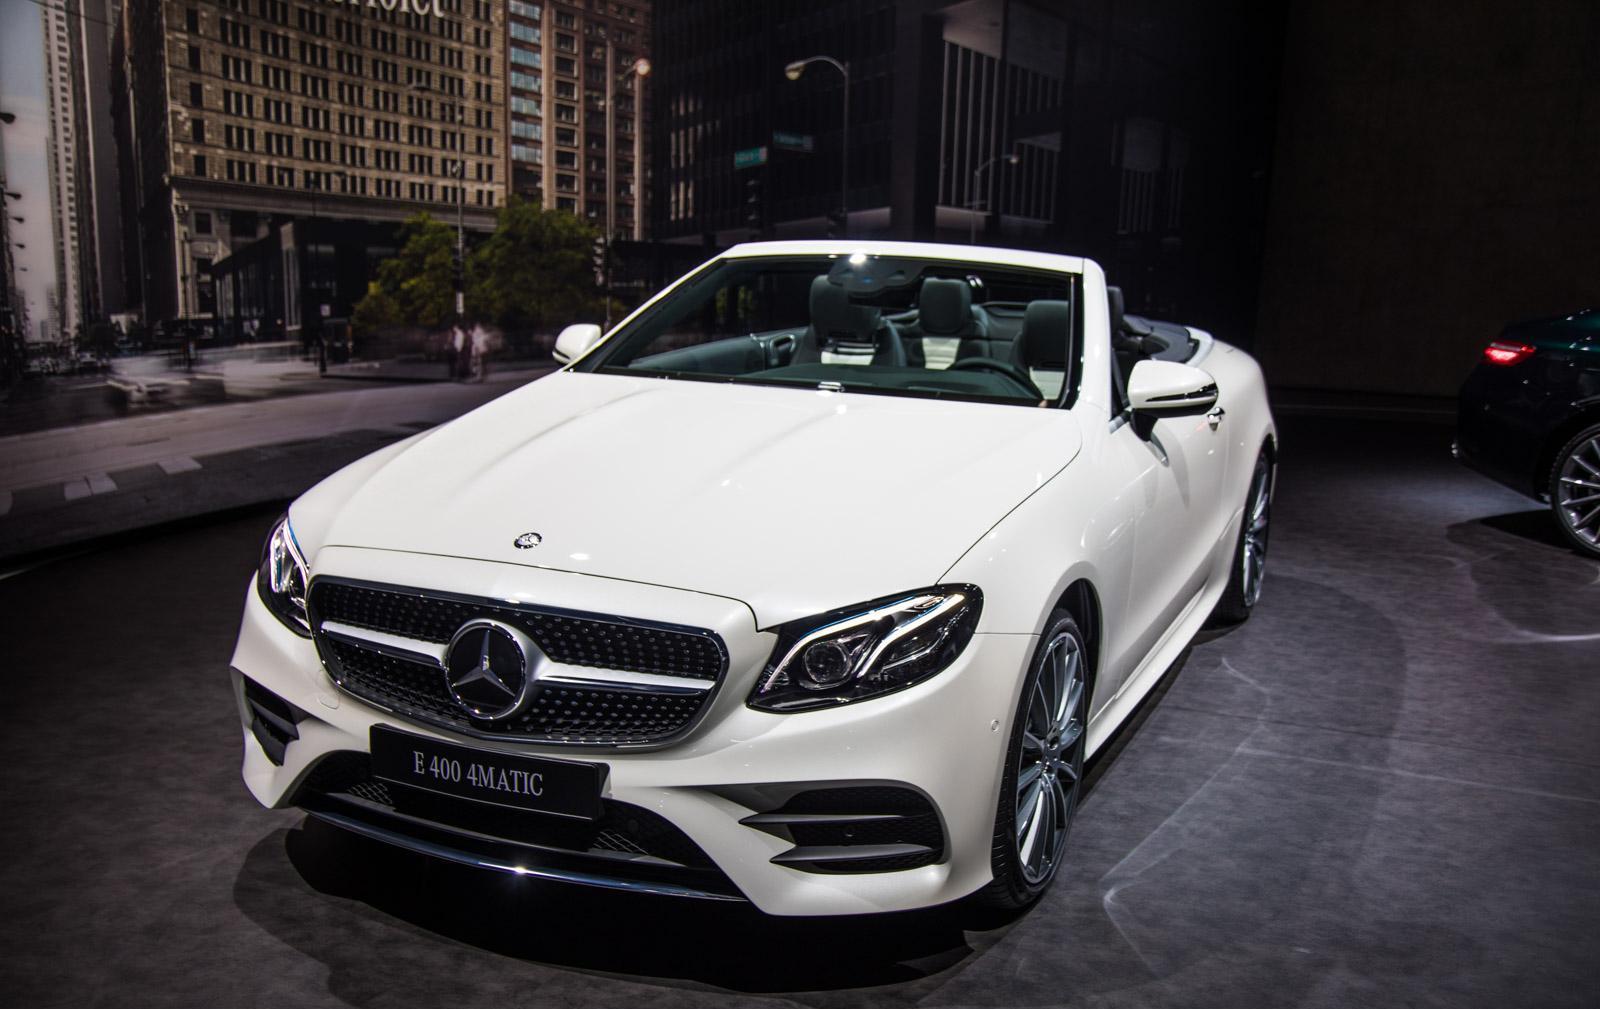 Mercedes_E400_Cabriolet_003